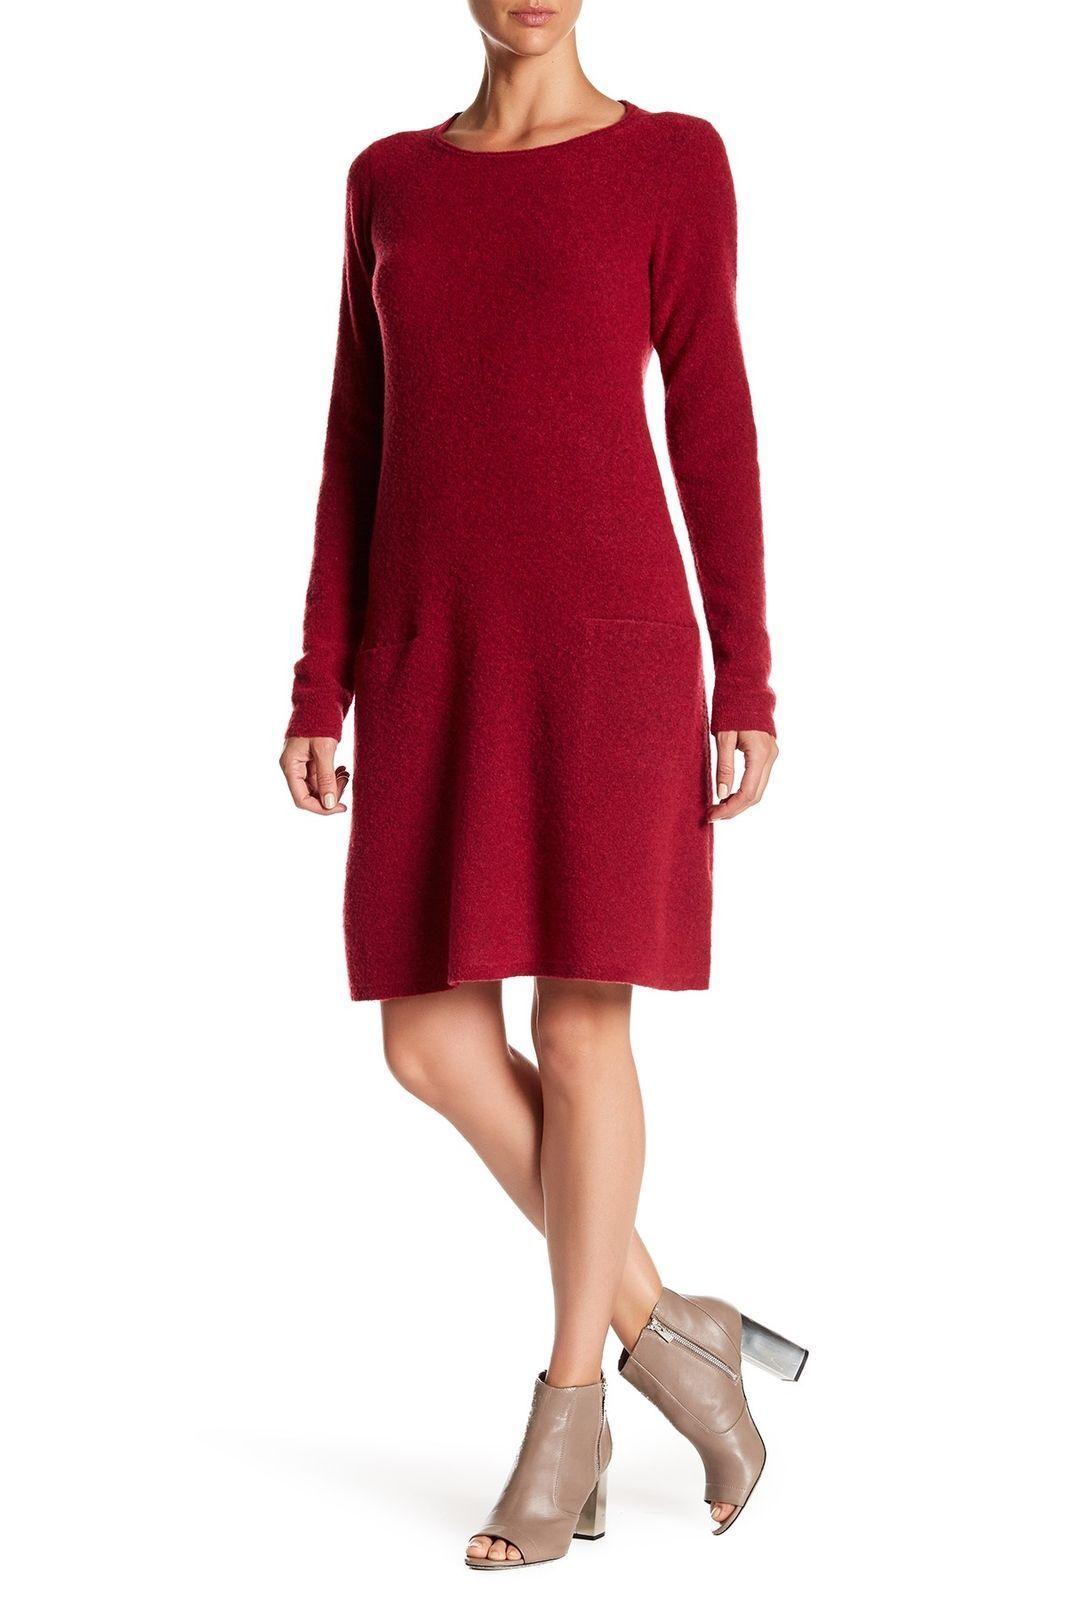 NEW Eileen Fisher Wool Blend Bateau Neck Sweater Dress in rot - Größe S